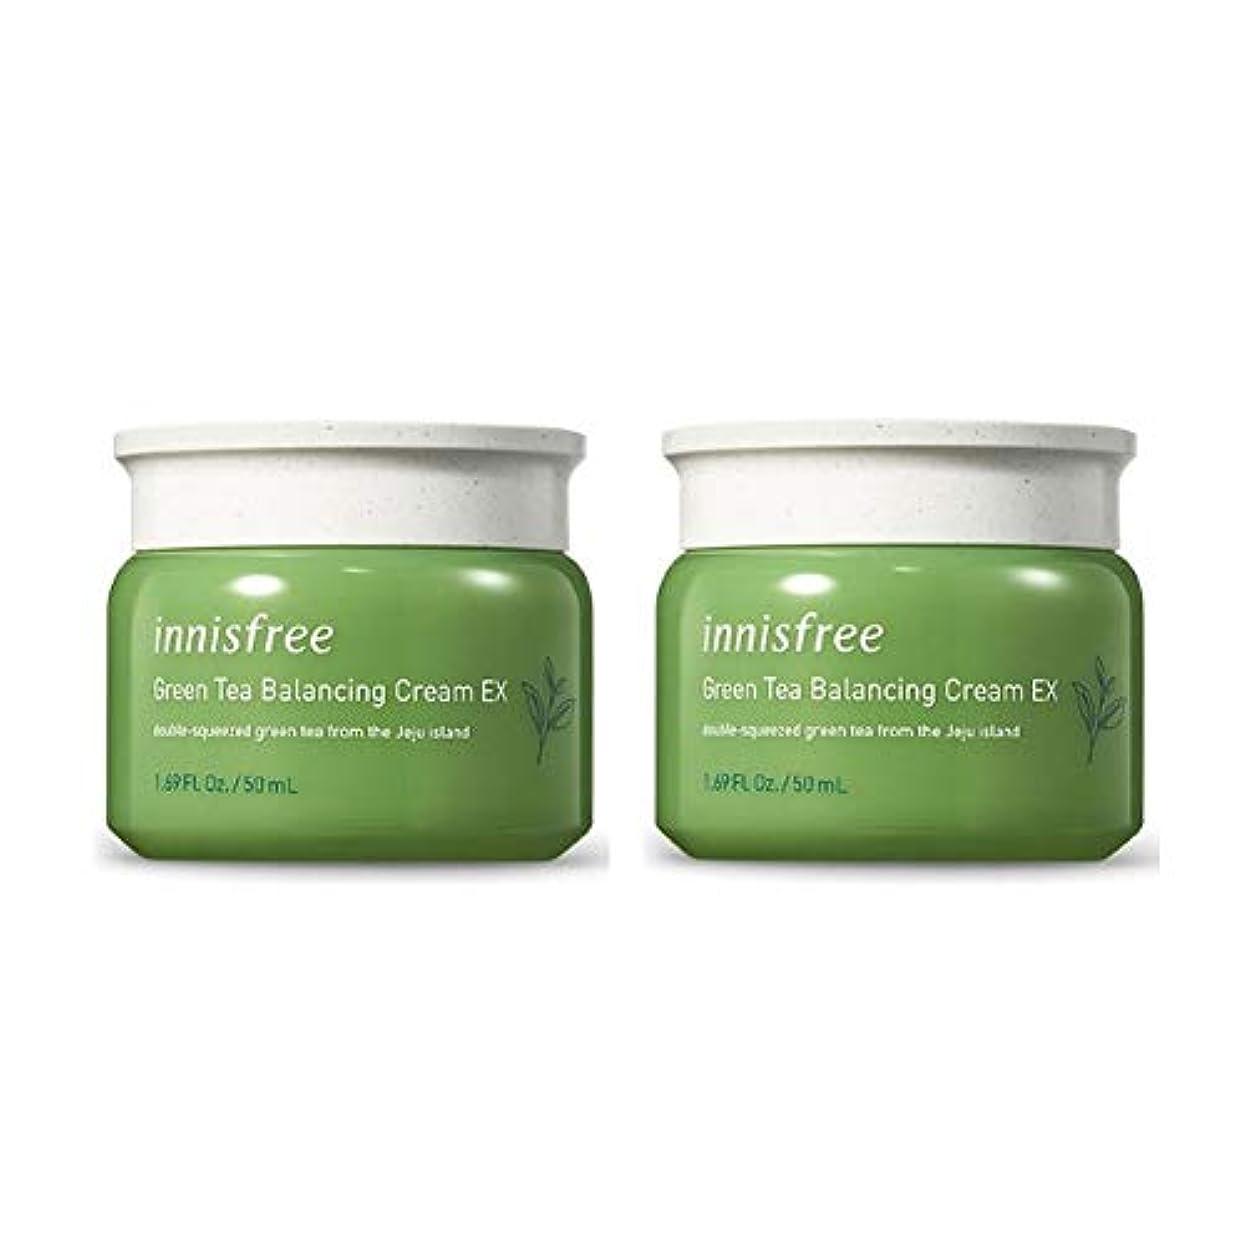 自分自身カウンタフローイニスフリーグリーンティーバランシングクリームEX 50mlx2本セット韓国コスメ、innisfree Green Tea Balancing Cream EX 50ml x 2ea Set Korean Cosmetics...